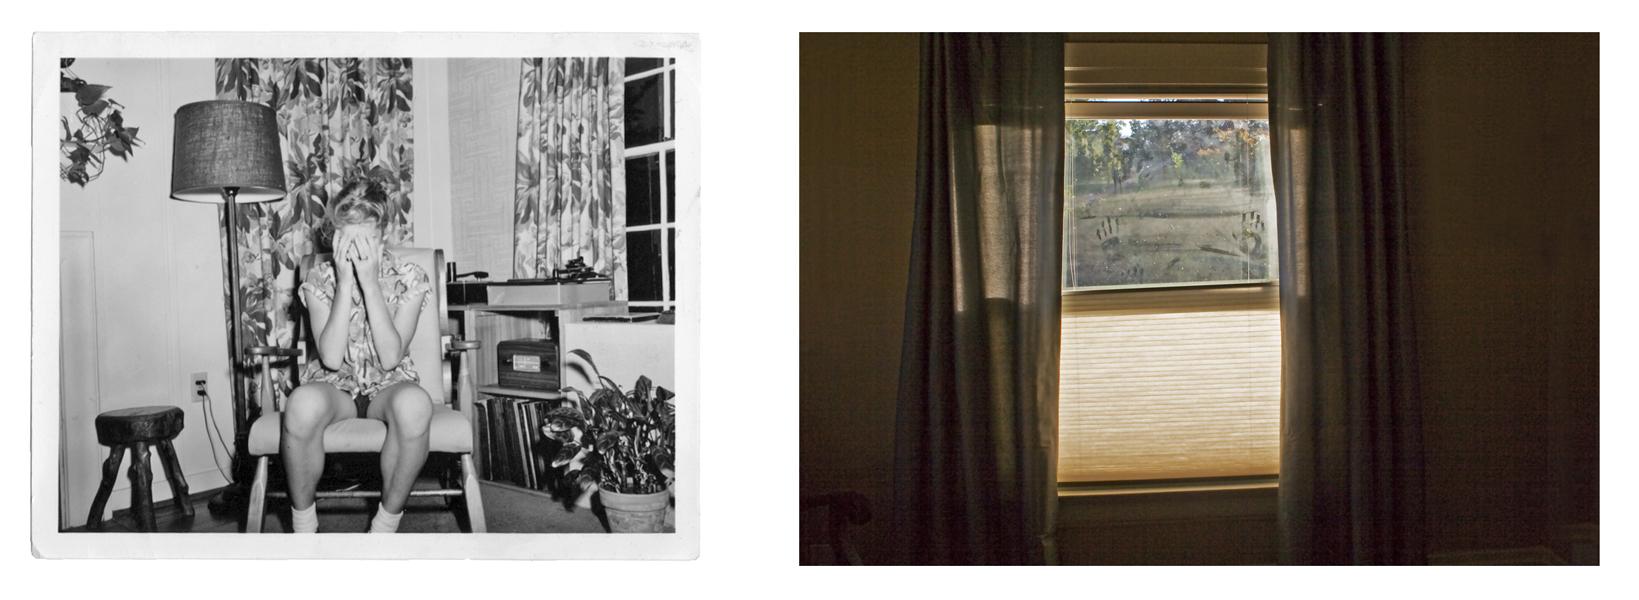 Marna Clarke, Exposed Memories 3, photograph,13hx19w